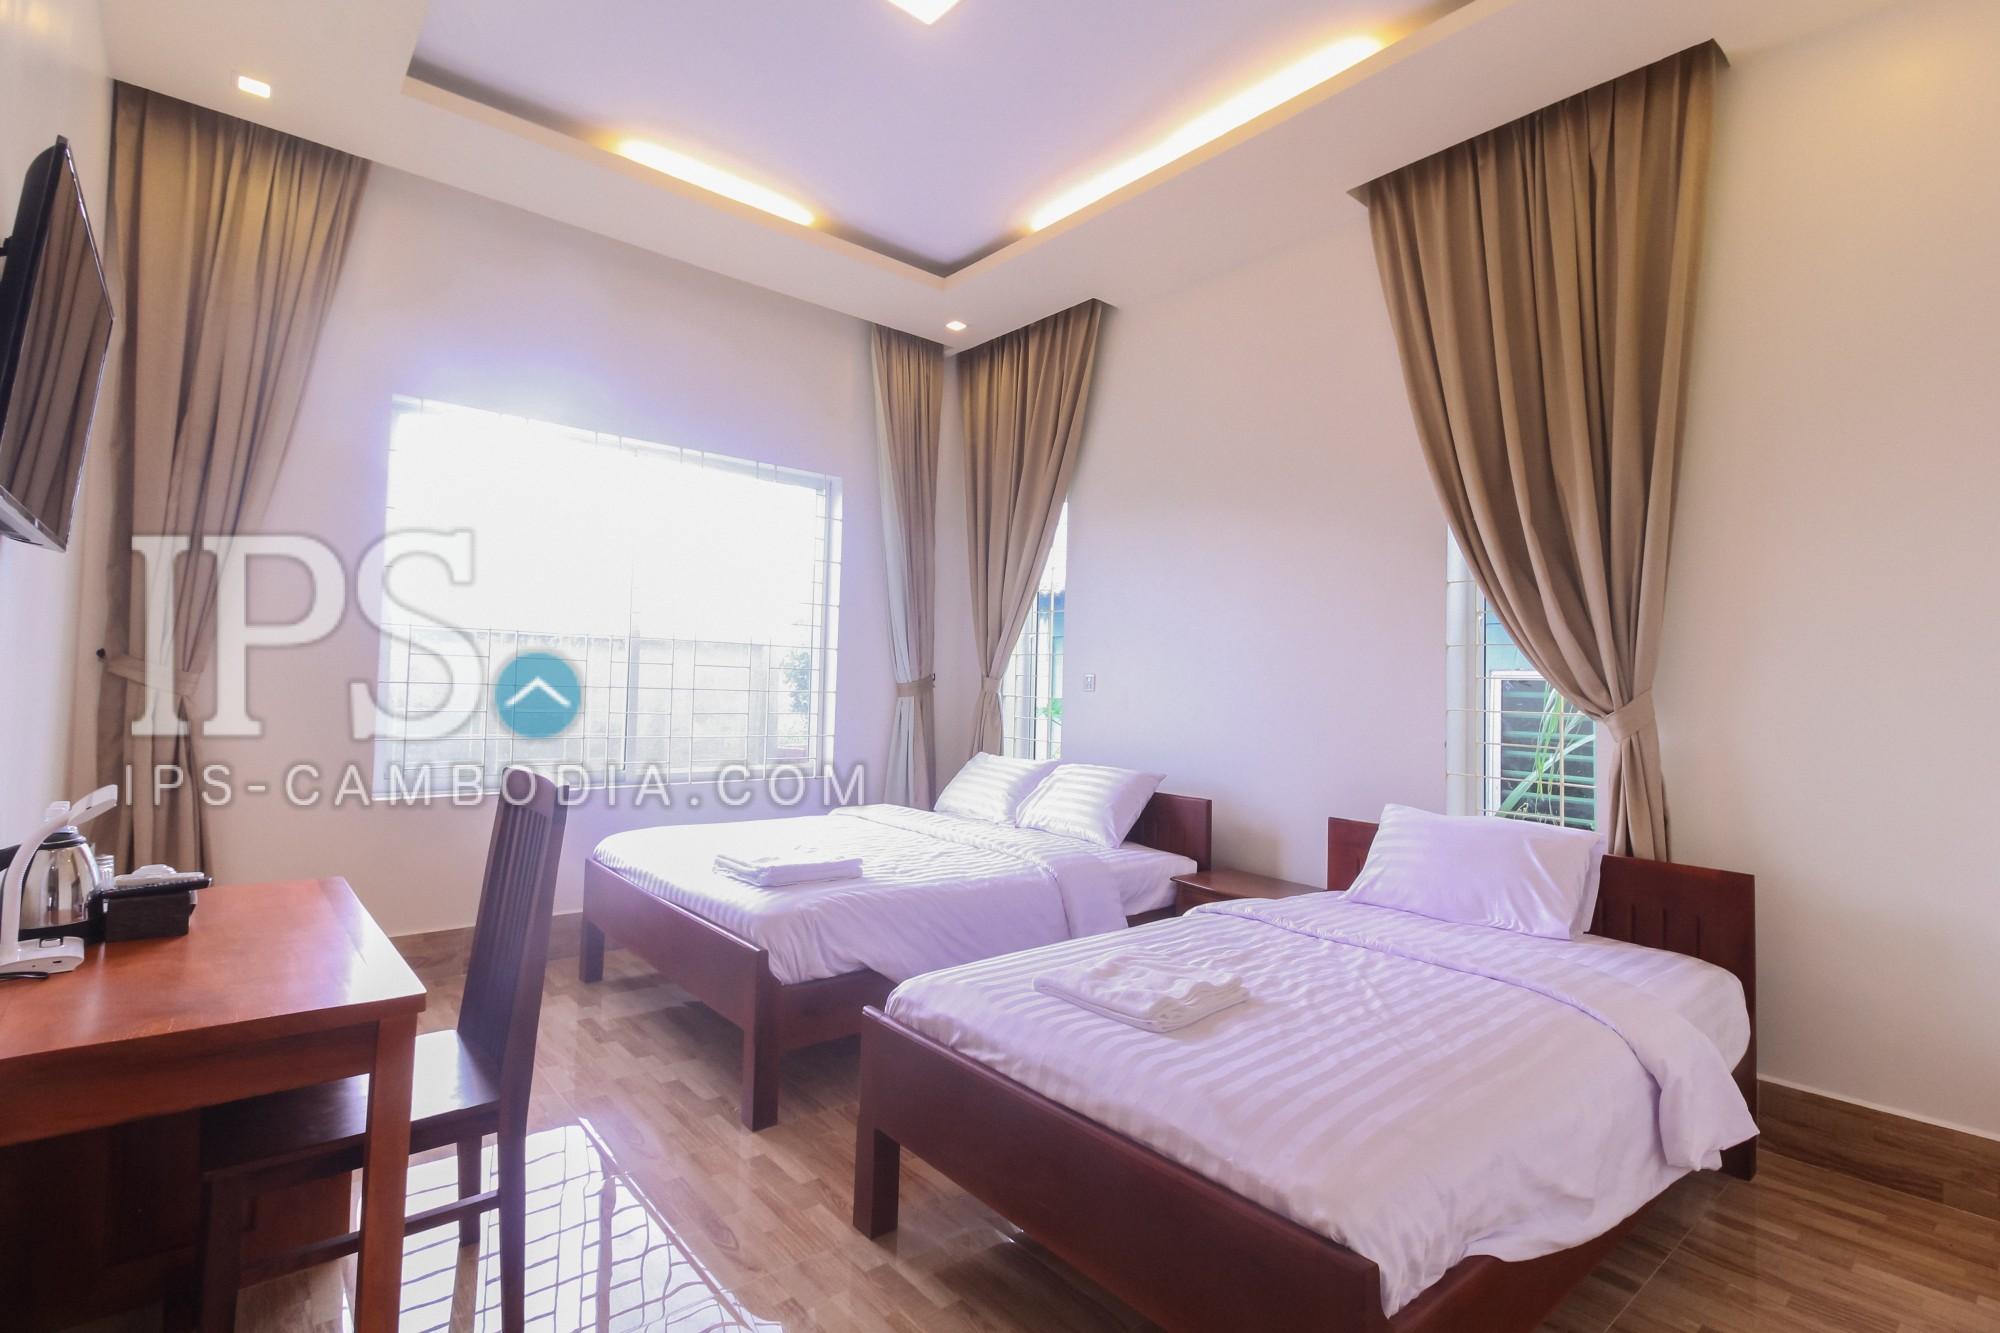 3 Bedrooms Villa For Rent - Siem Reap